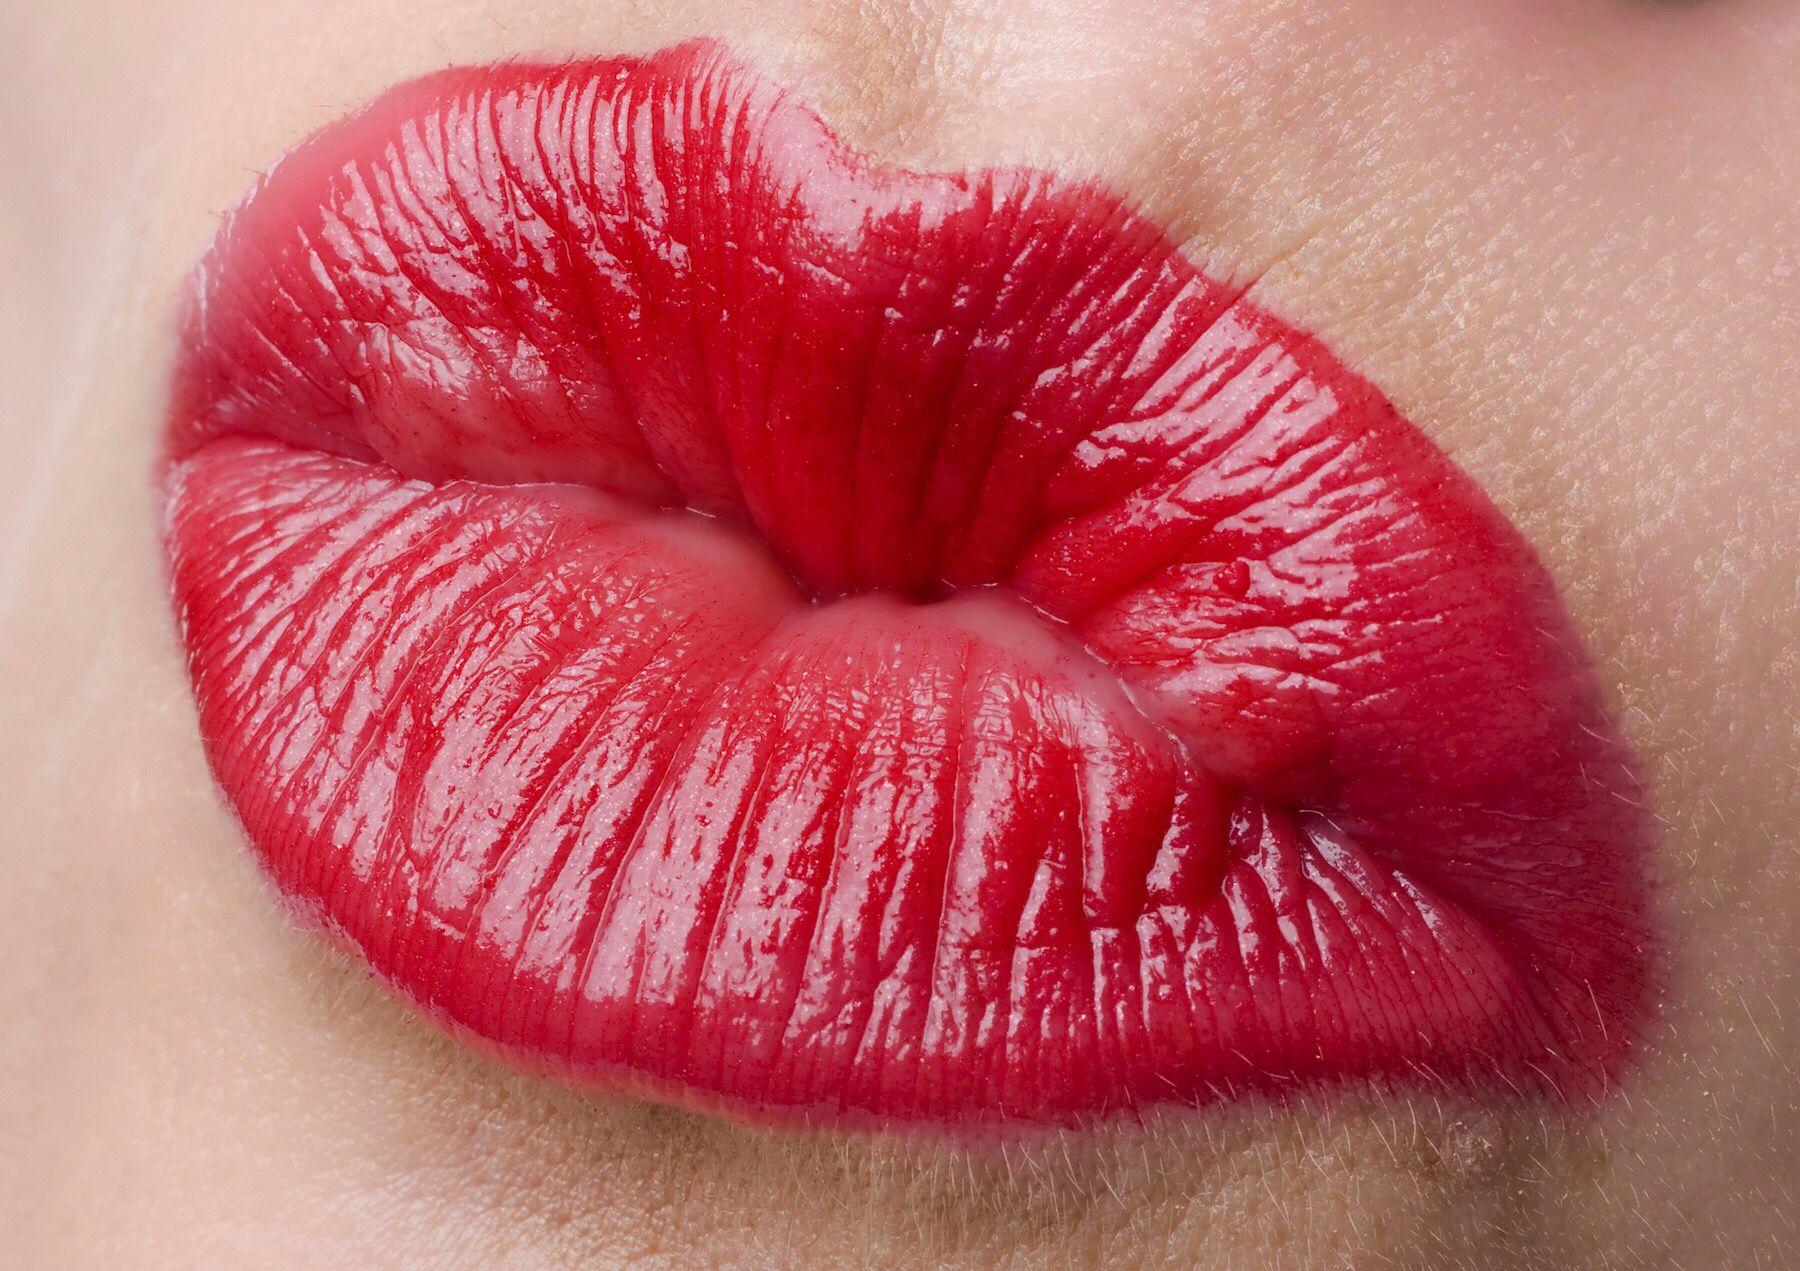 Видео большие женских губ, секс голые жены фото